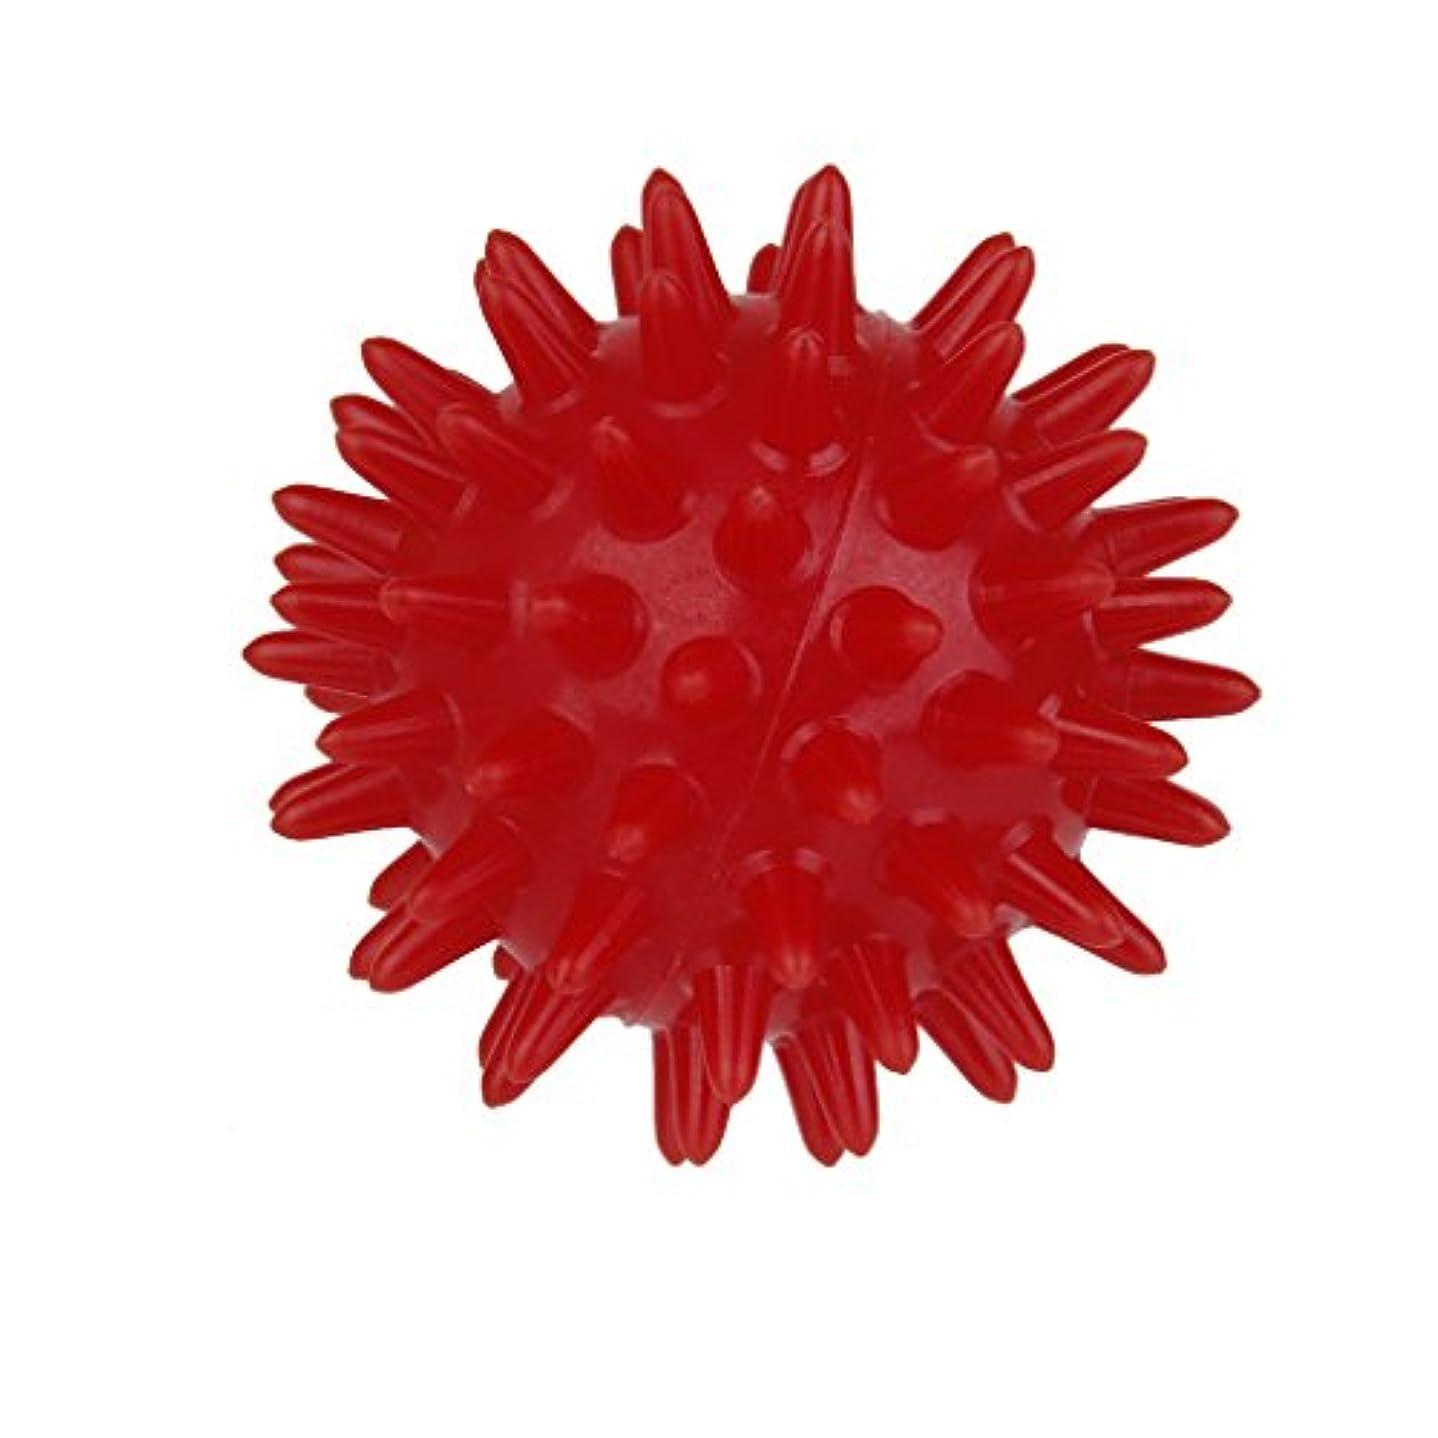 移動する海藻道徳のPerfk マッサージボール 手のひら 足 フック側 マッサージ 快適 生活 便利 赤